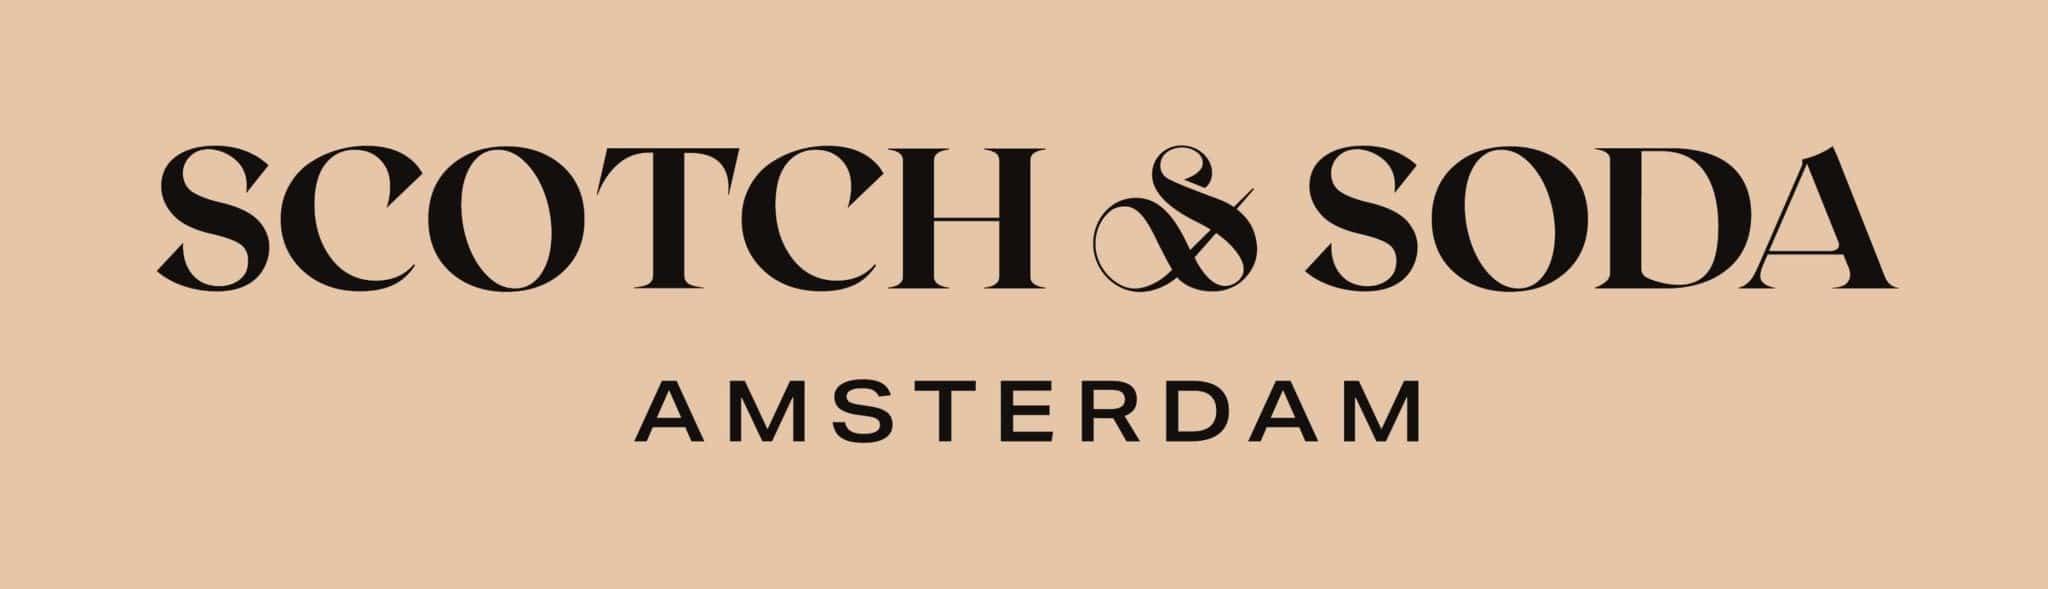 Nouveau logo Scotch & Soda 2021